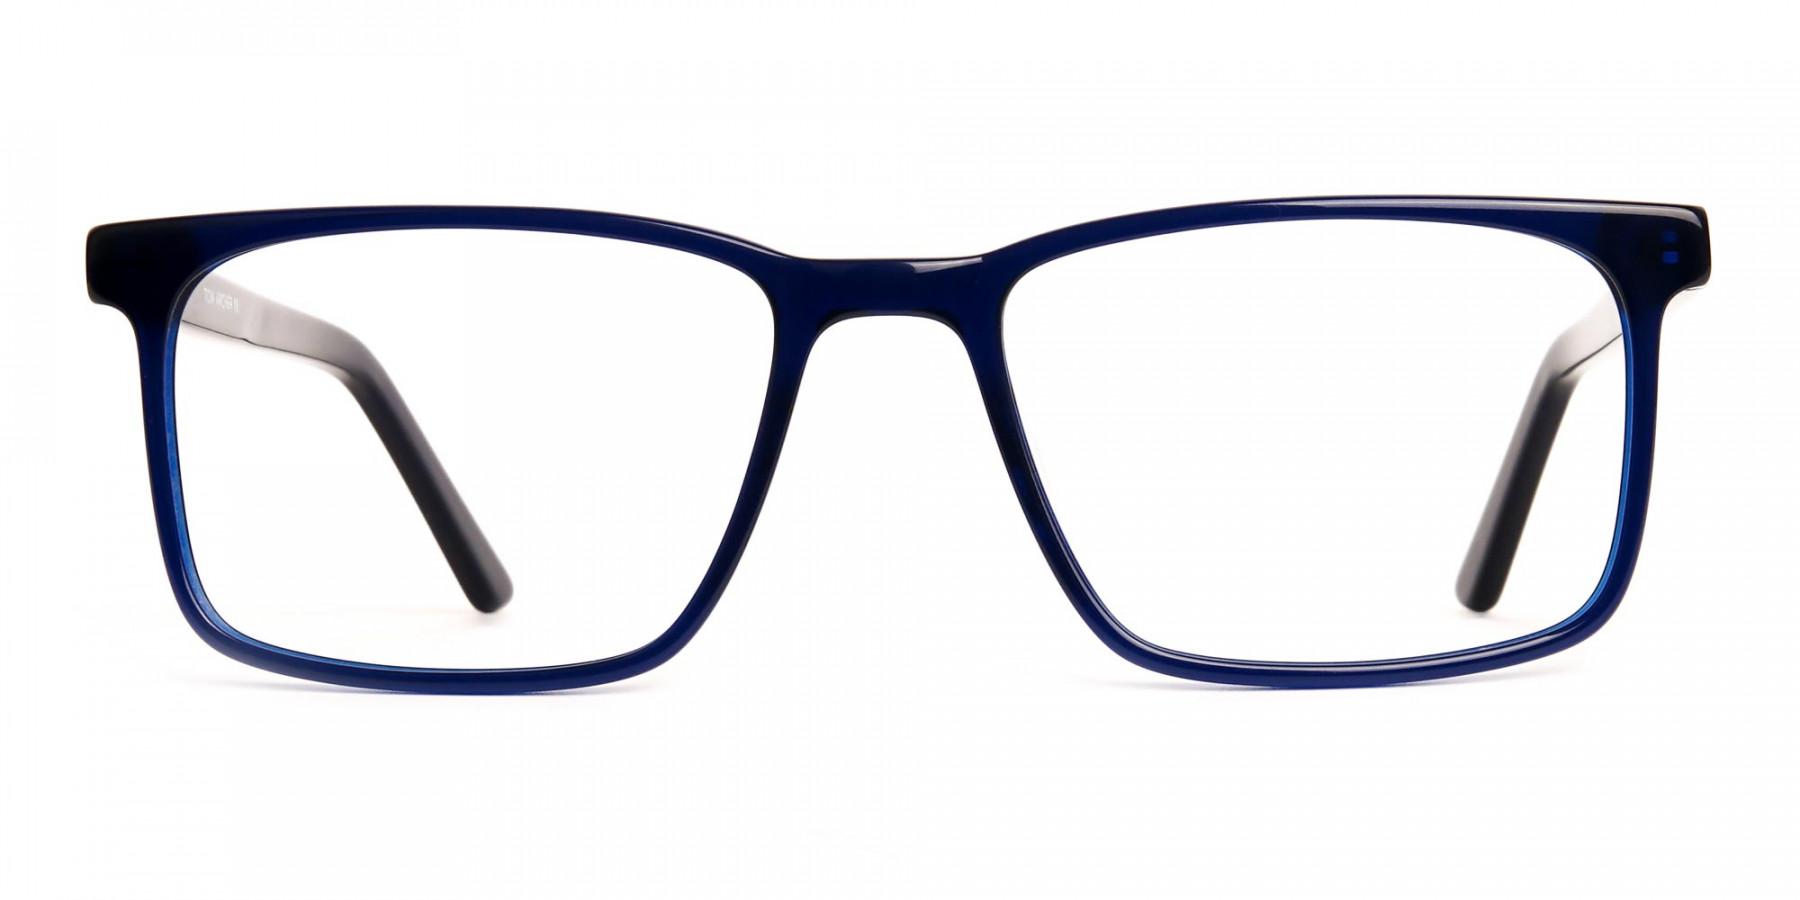 navy-blue-rectangular-glasses-frames-1